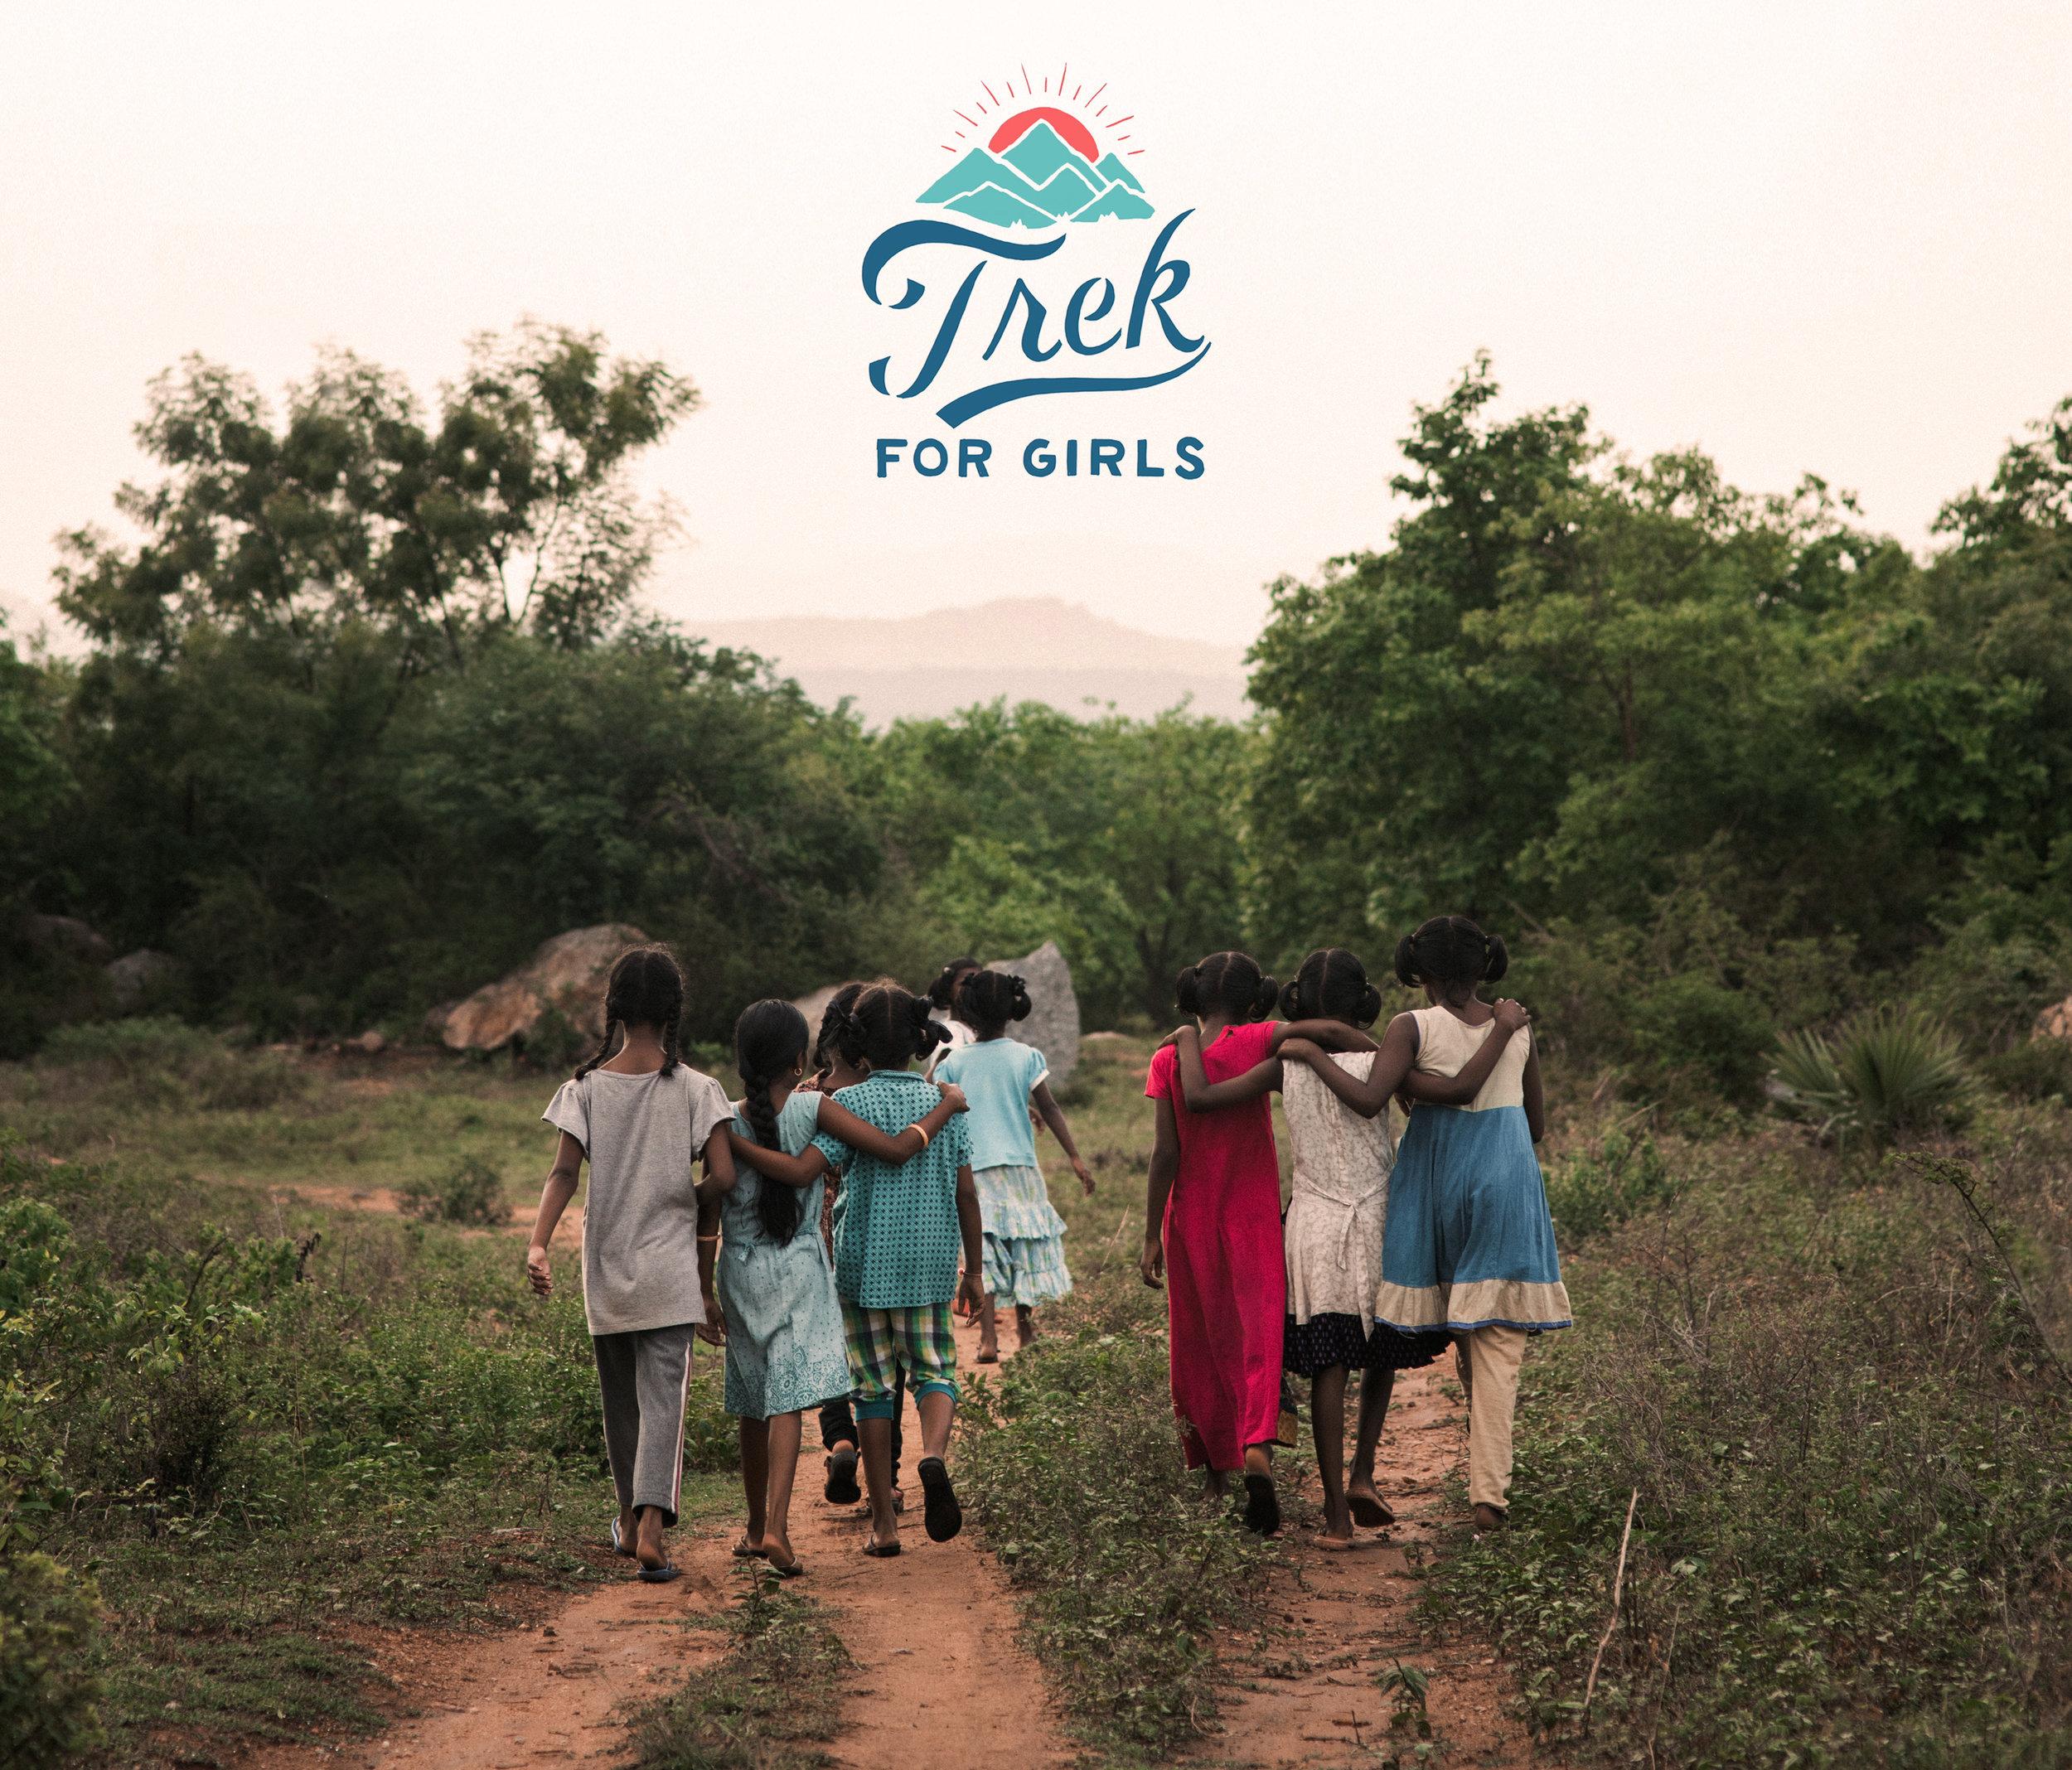 TREK-FOR-GIRLS-India_Fundraiser_CCH_004.jpg